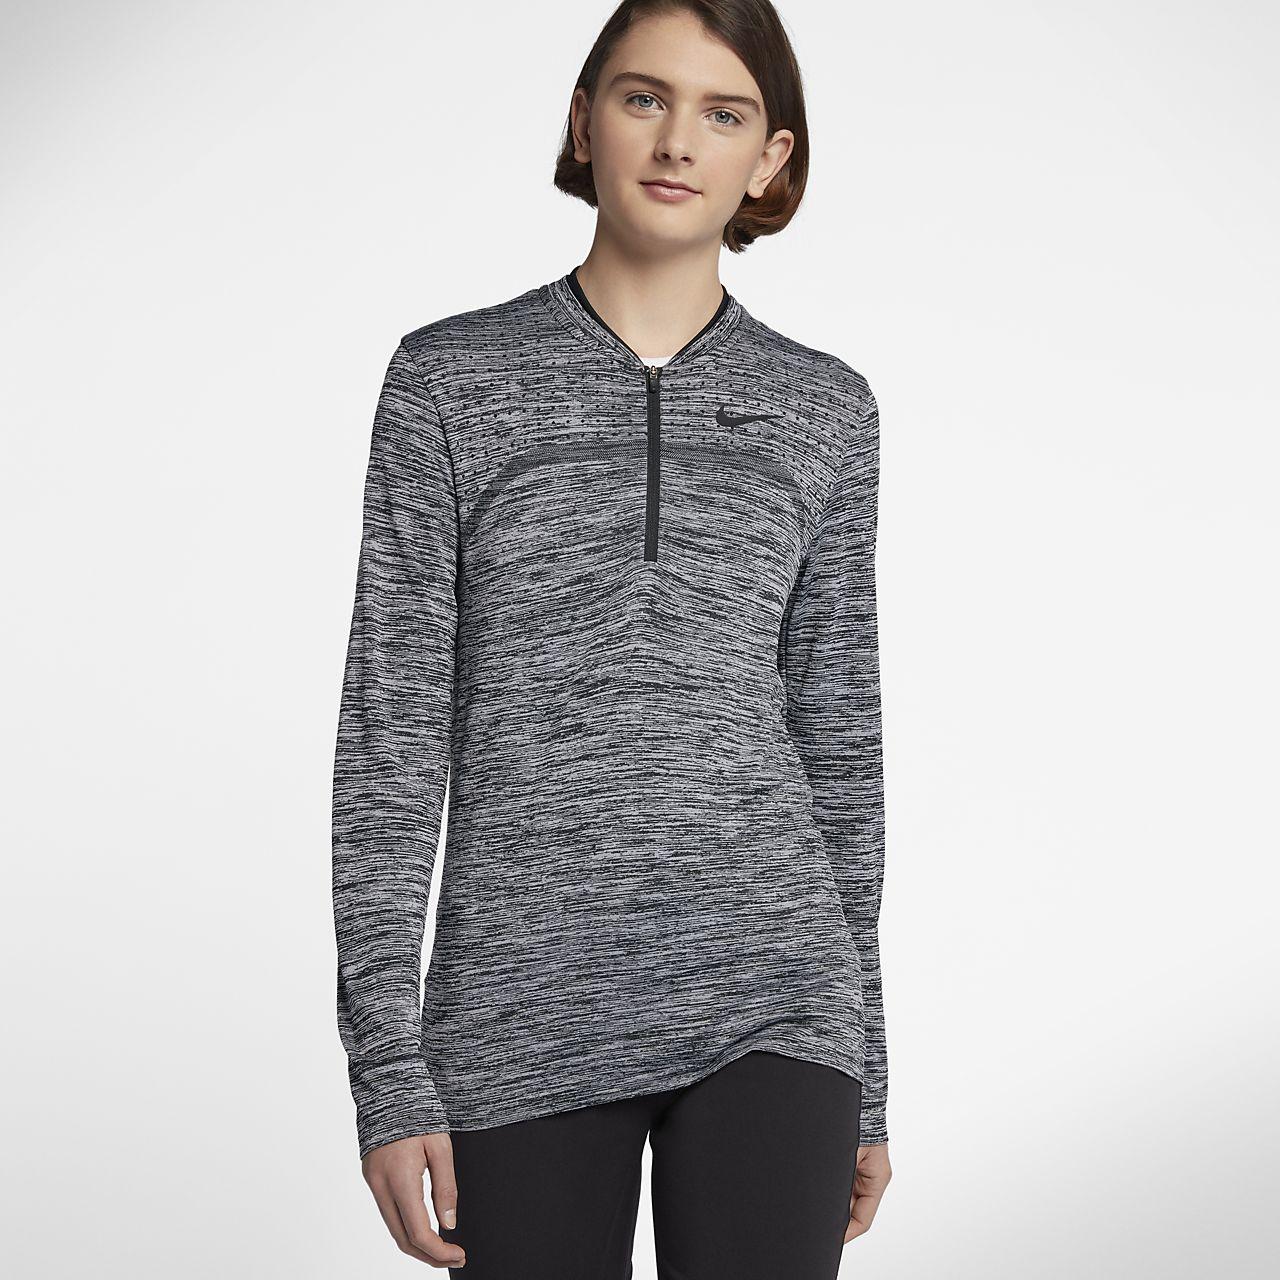 ... Nike Dry Women's Half Zip Golf Top